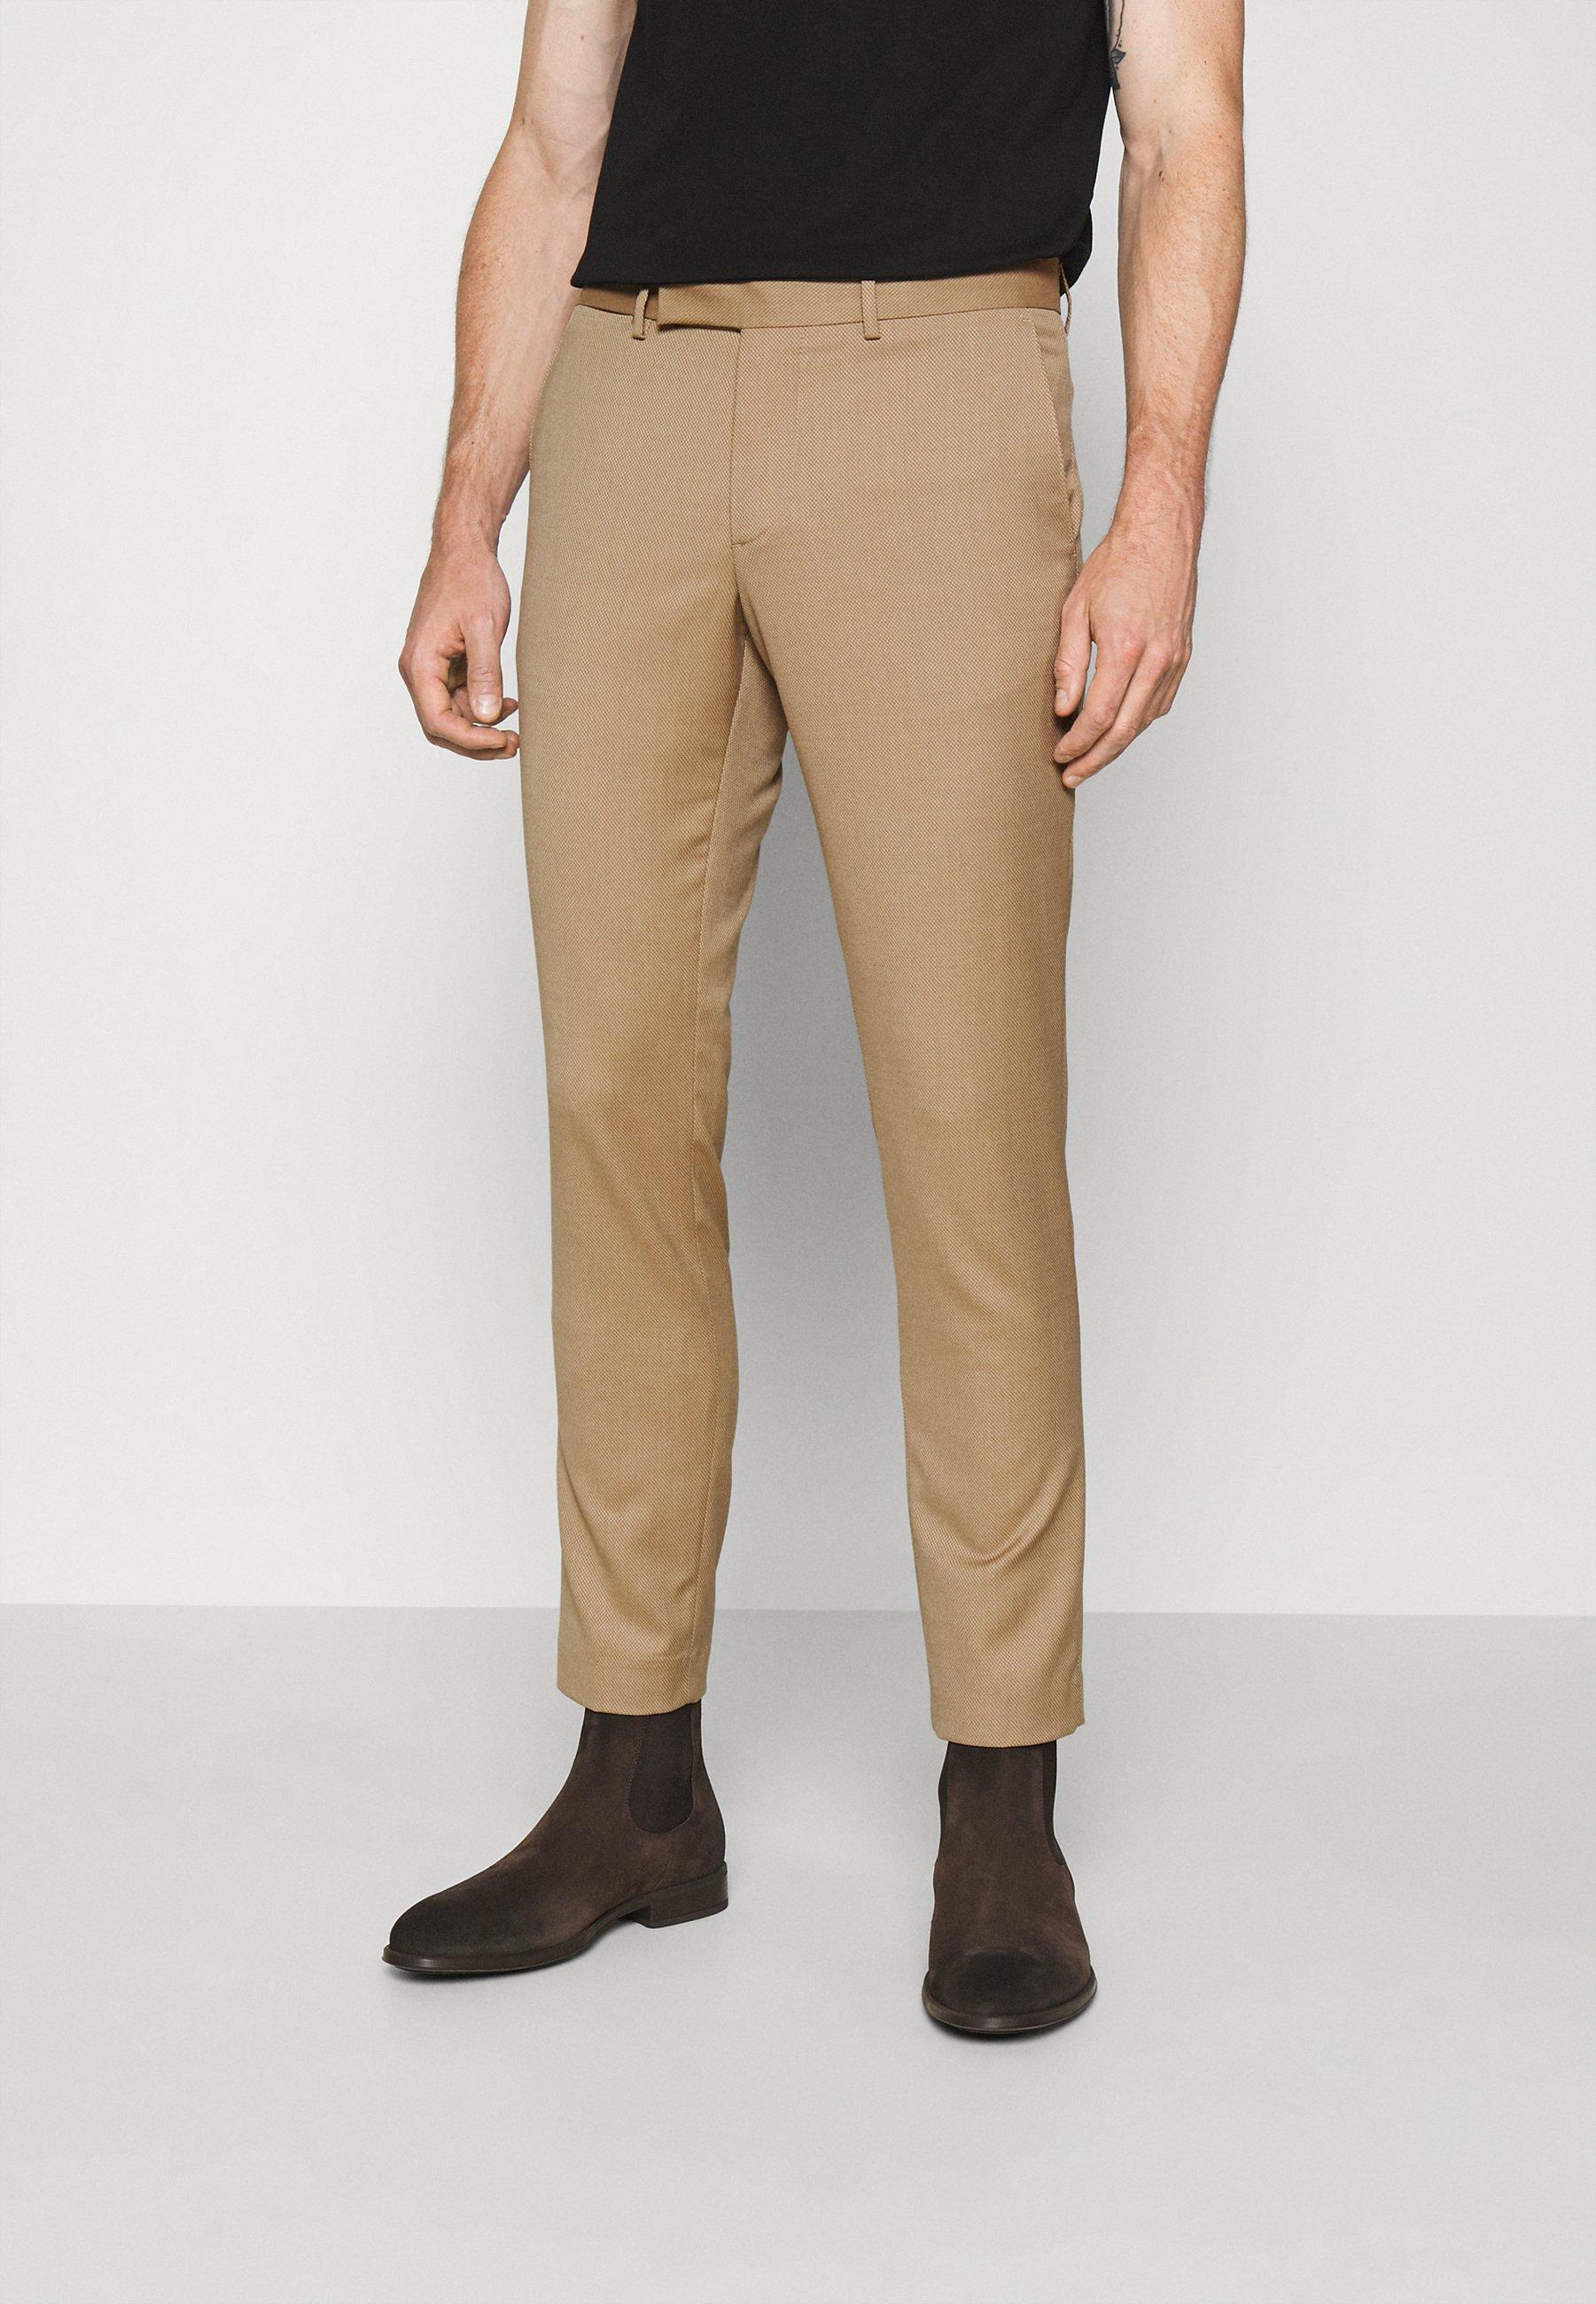 Homme GRANT MICRO STRUCTURE PANTS - Pantalon classique